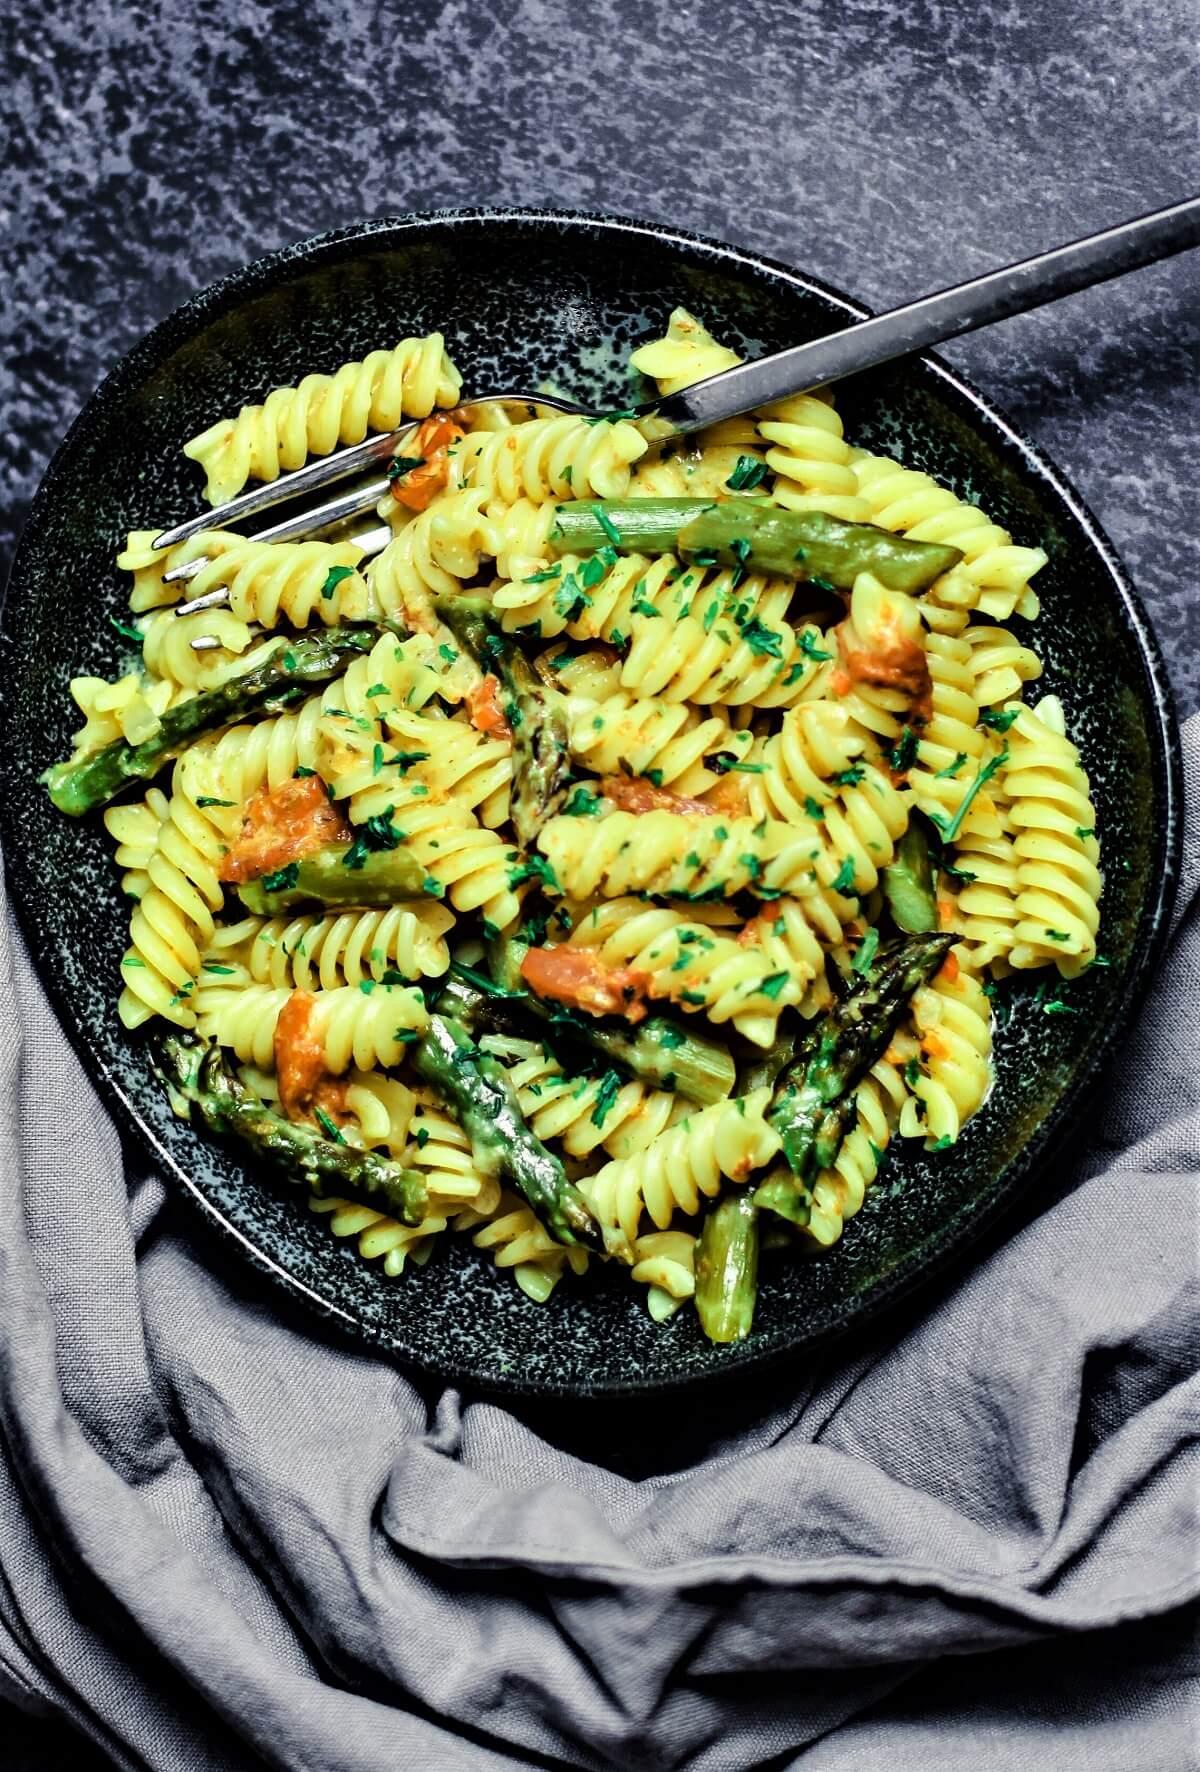 gruener spargel mit nudeln - rezept